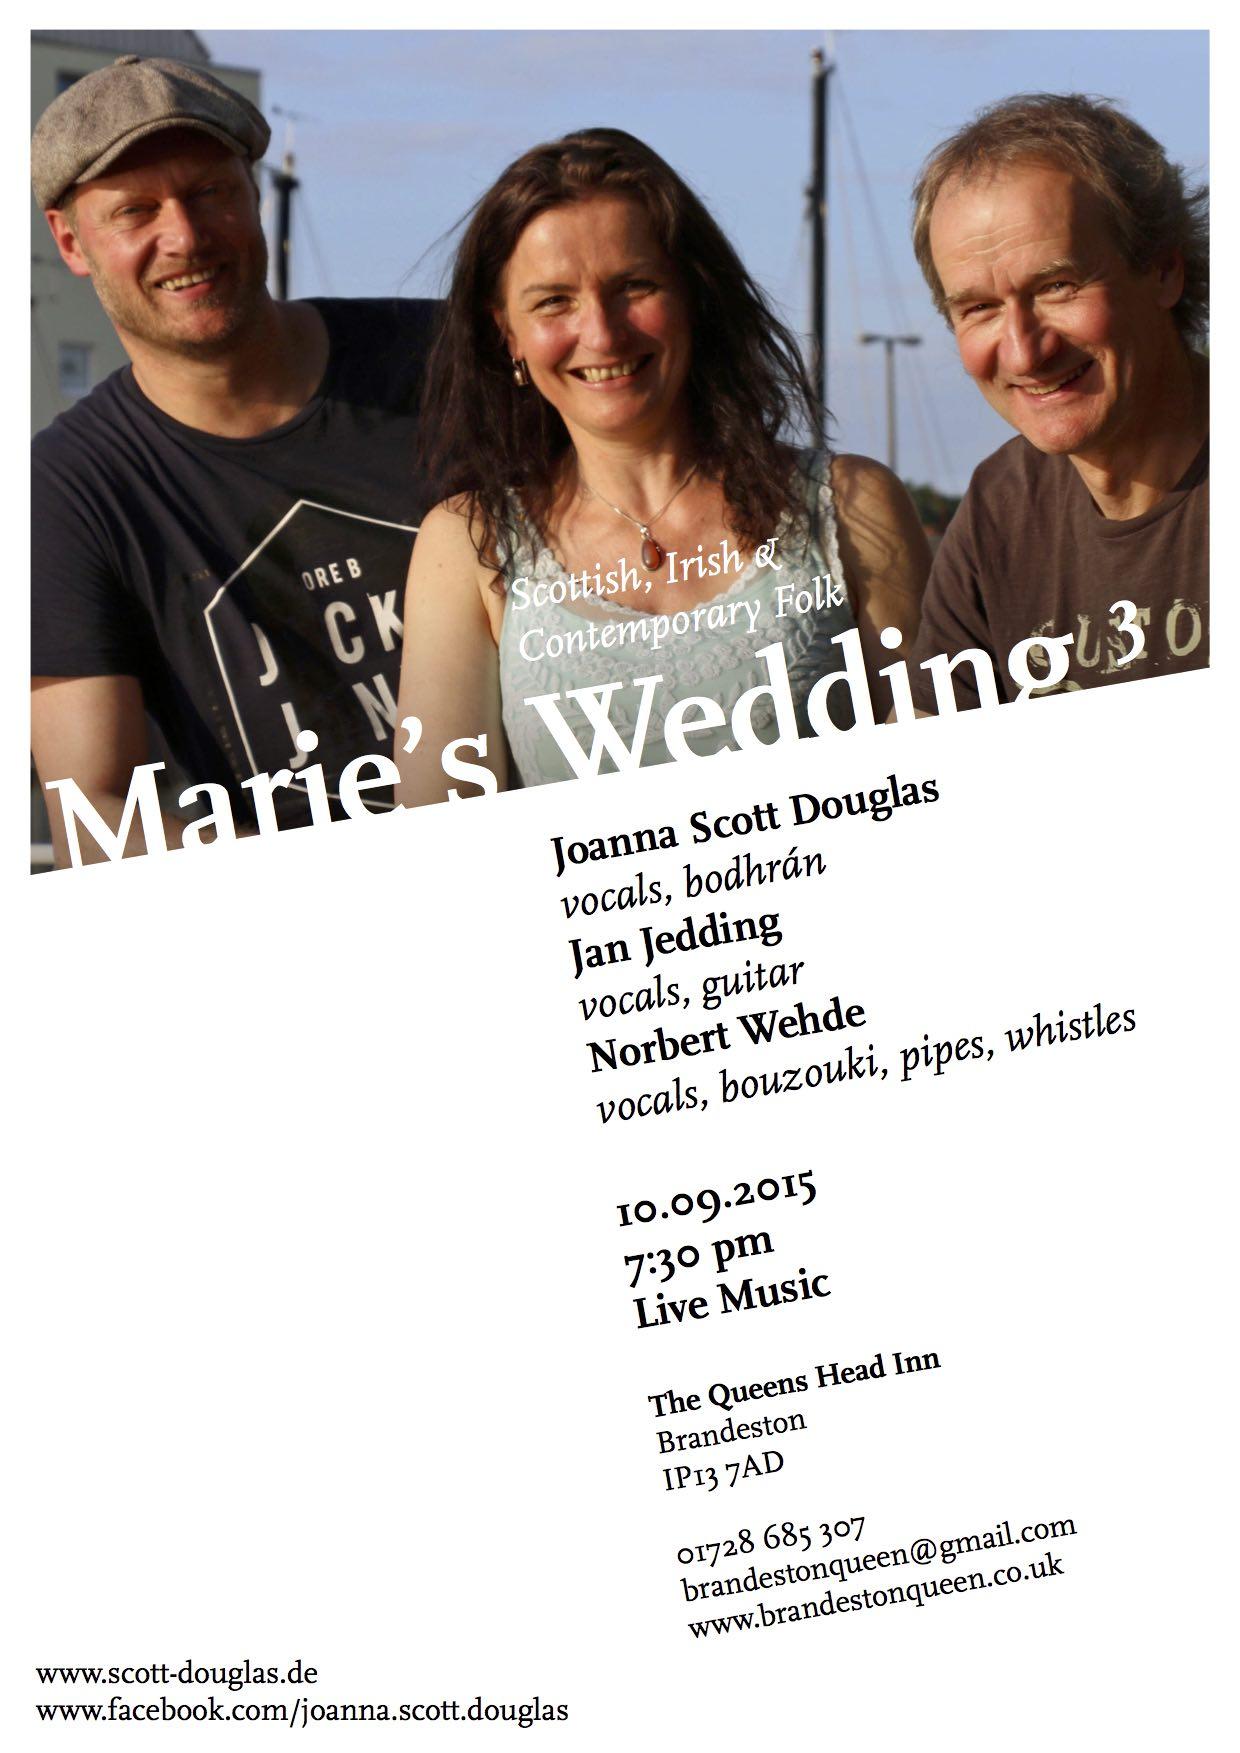 Marie's Wedding Flyer